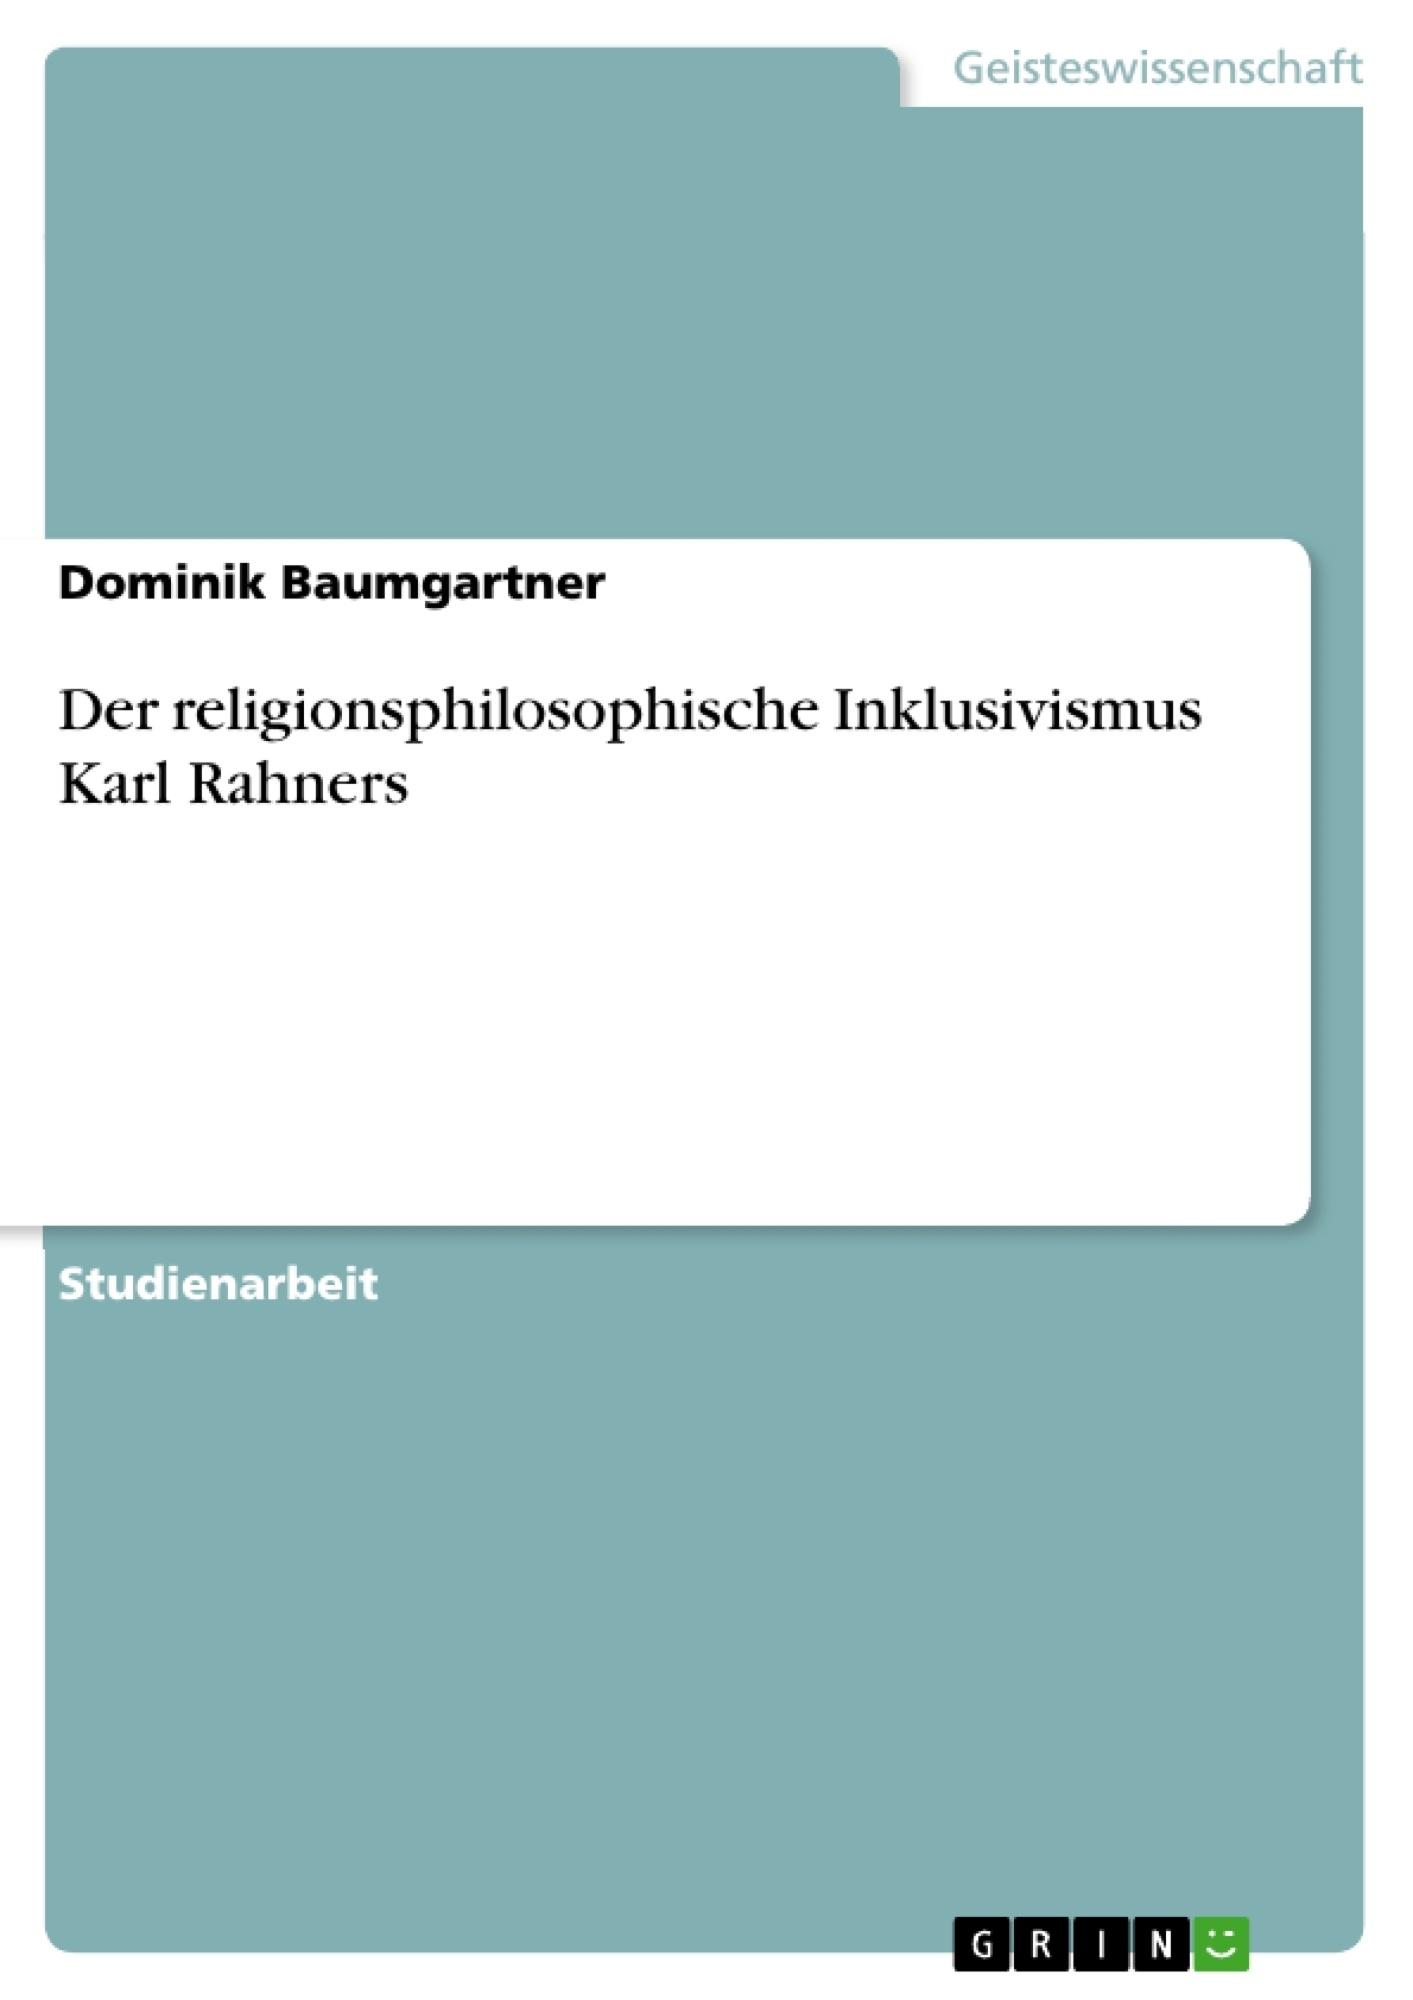 Titel: Der religionsphilosophische Inklusivismus Karl Rahners